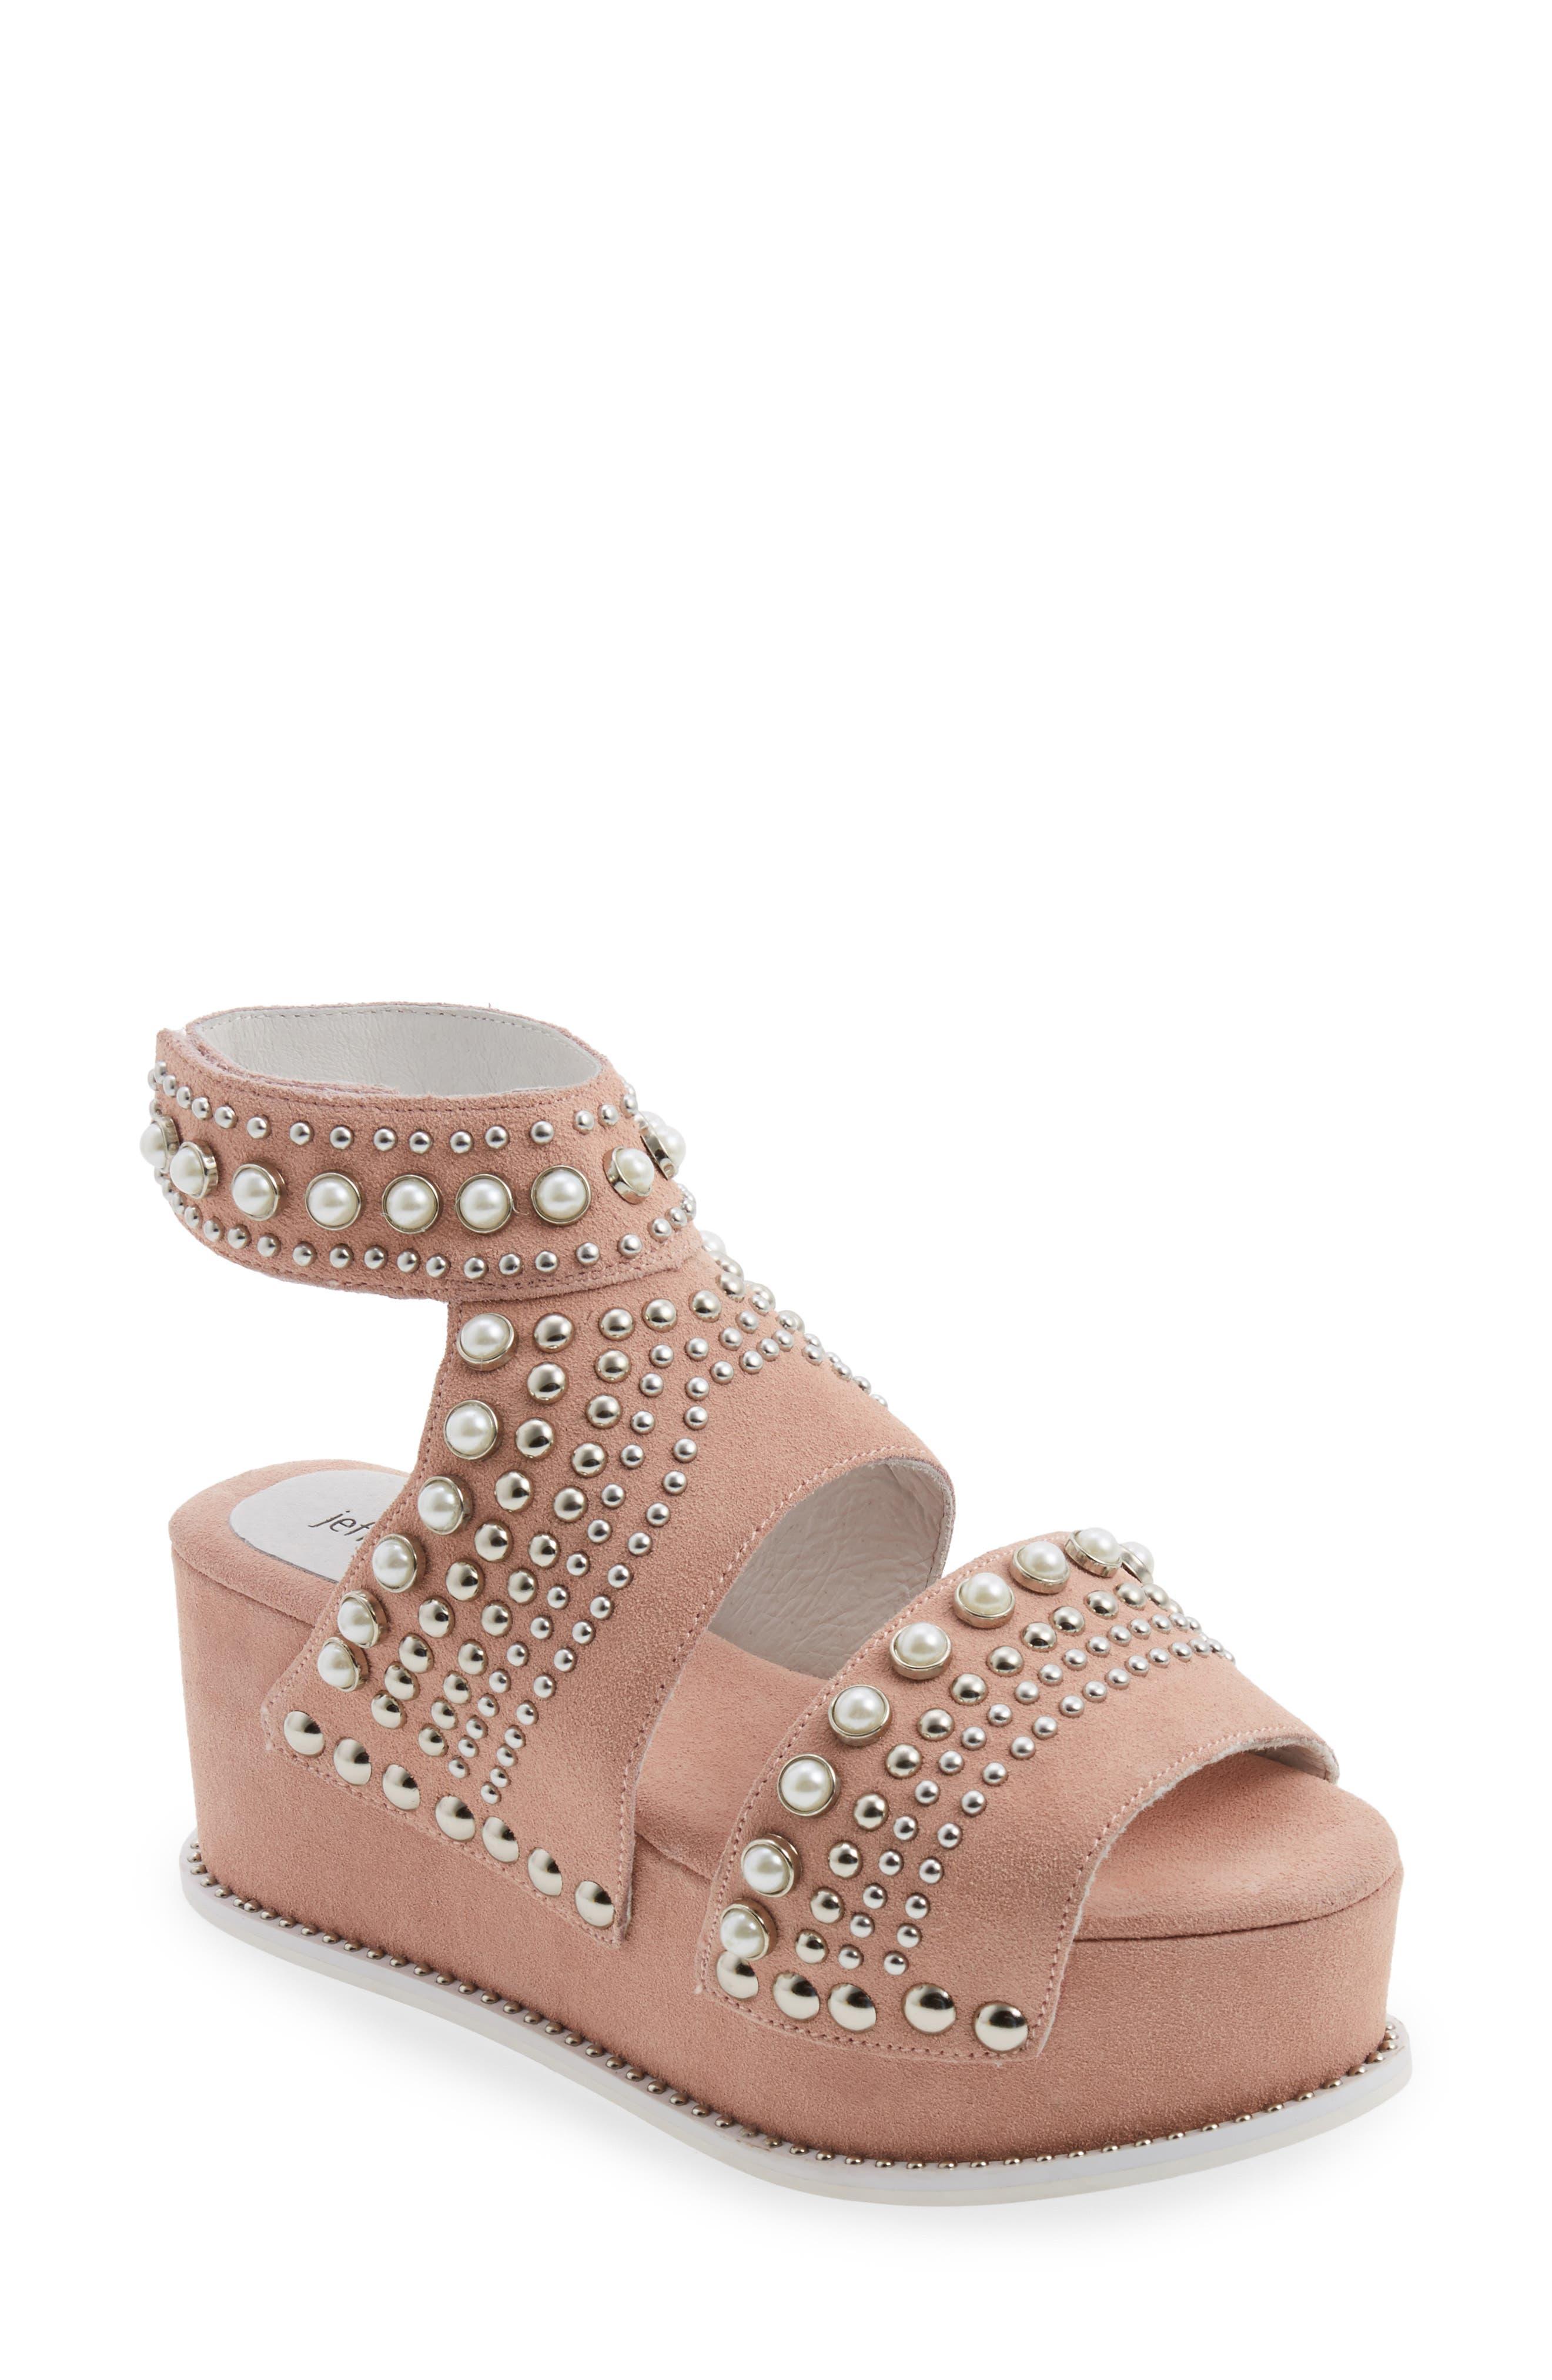 Palmira Embellished Platform Sandal,                         Main,                         color, Pink Suede